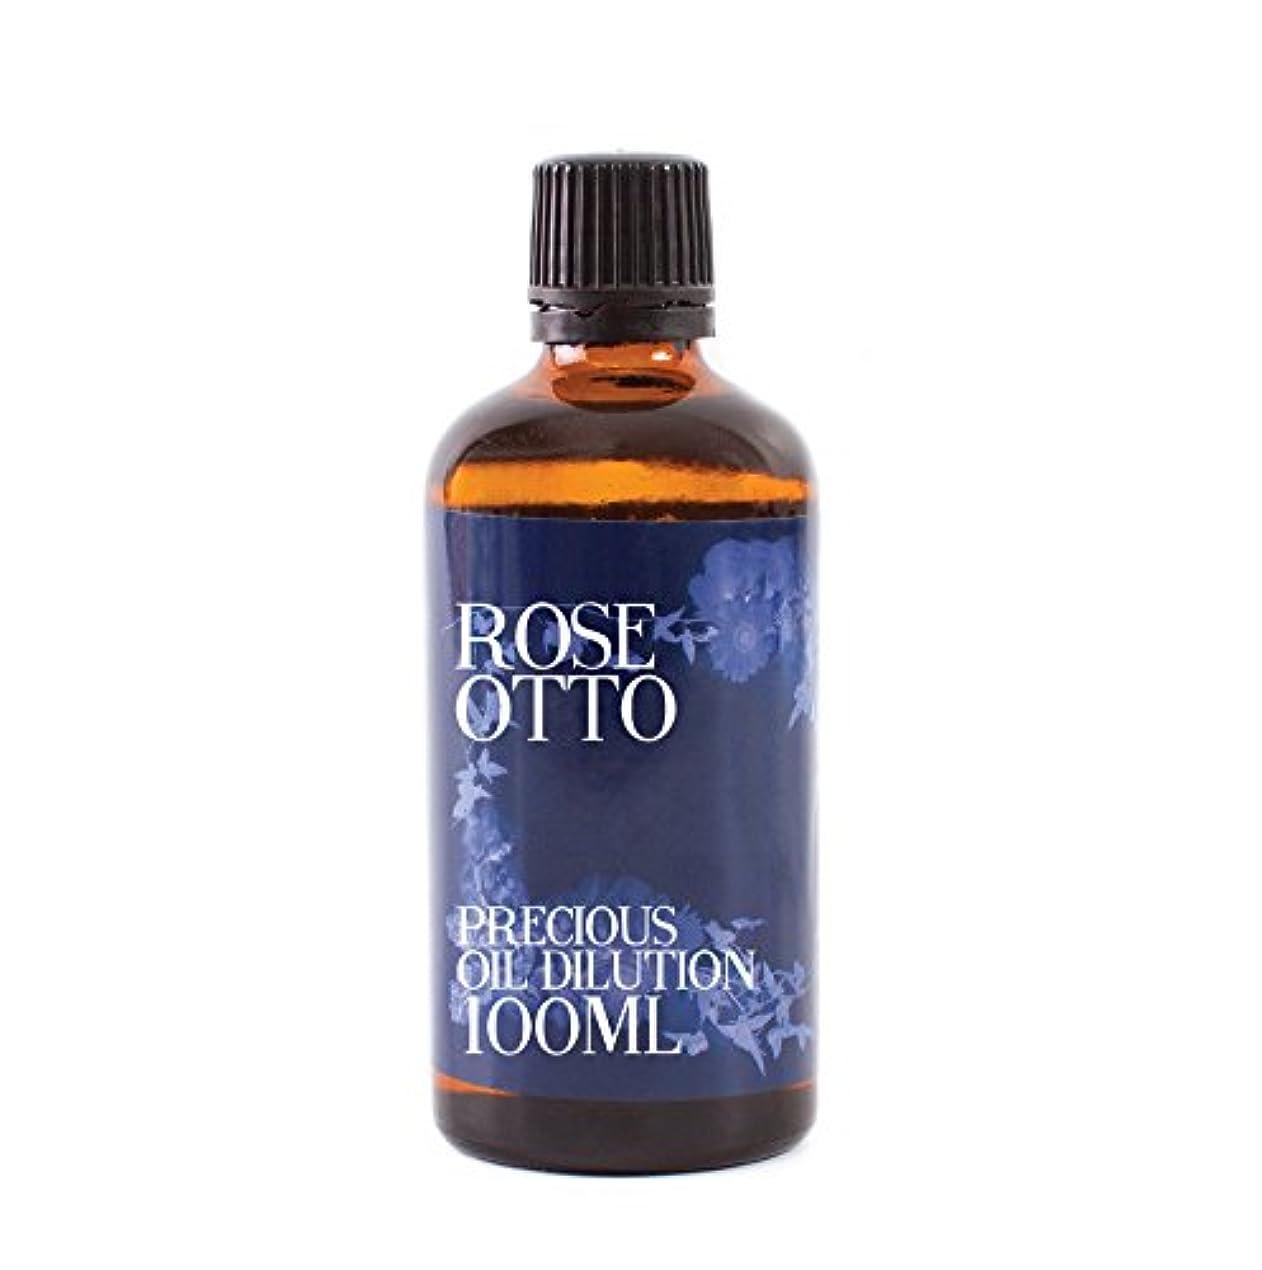 震えプレミアネットMystic Moments | Rose Otto Essential Oil Dilution - 100ml - 3% Jojoba Blend